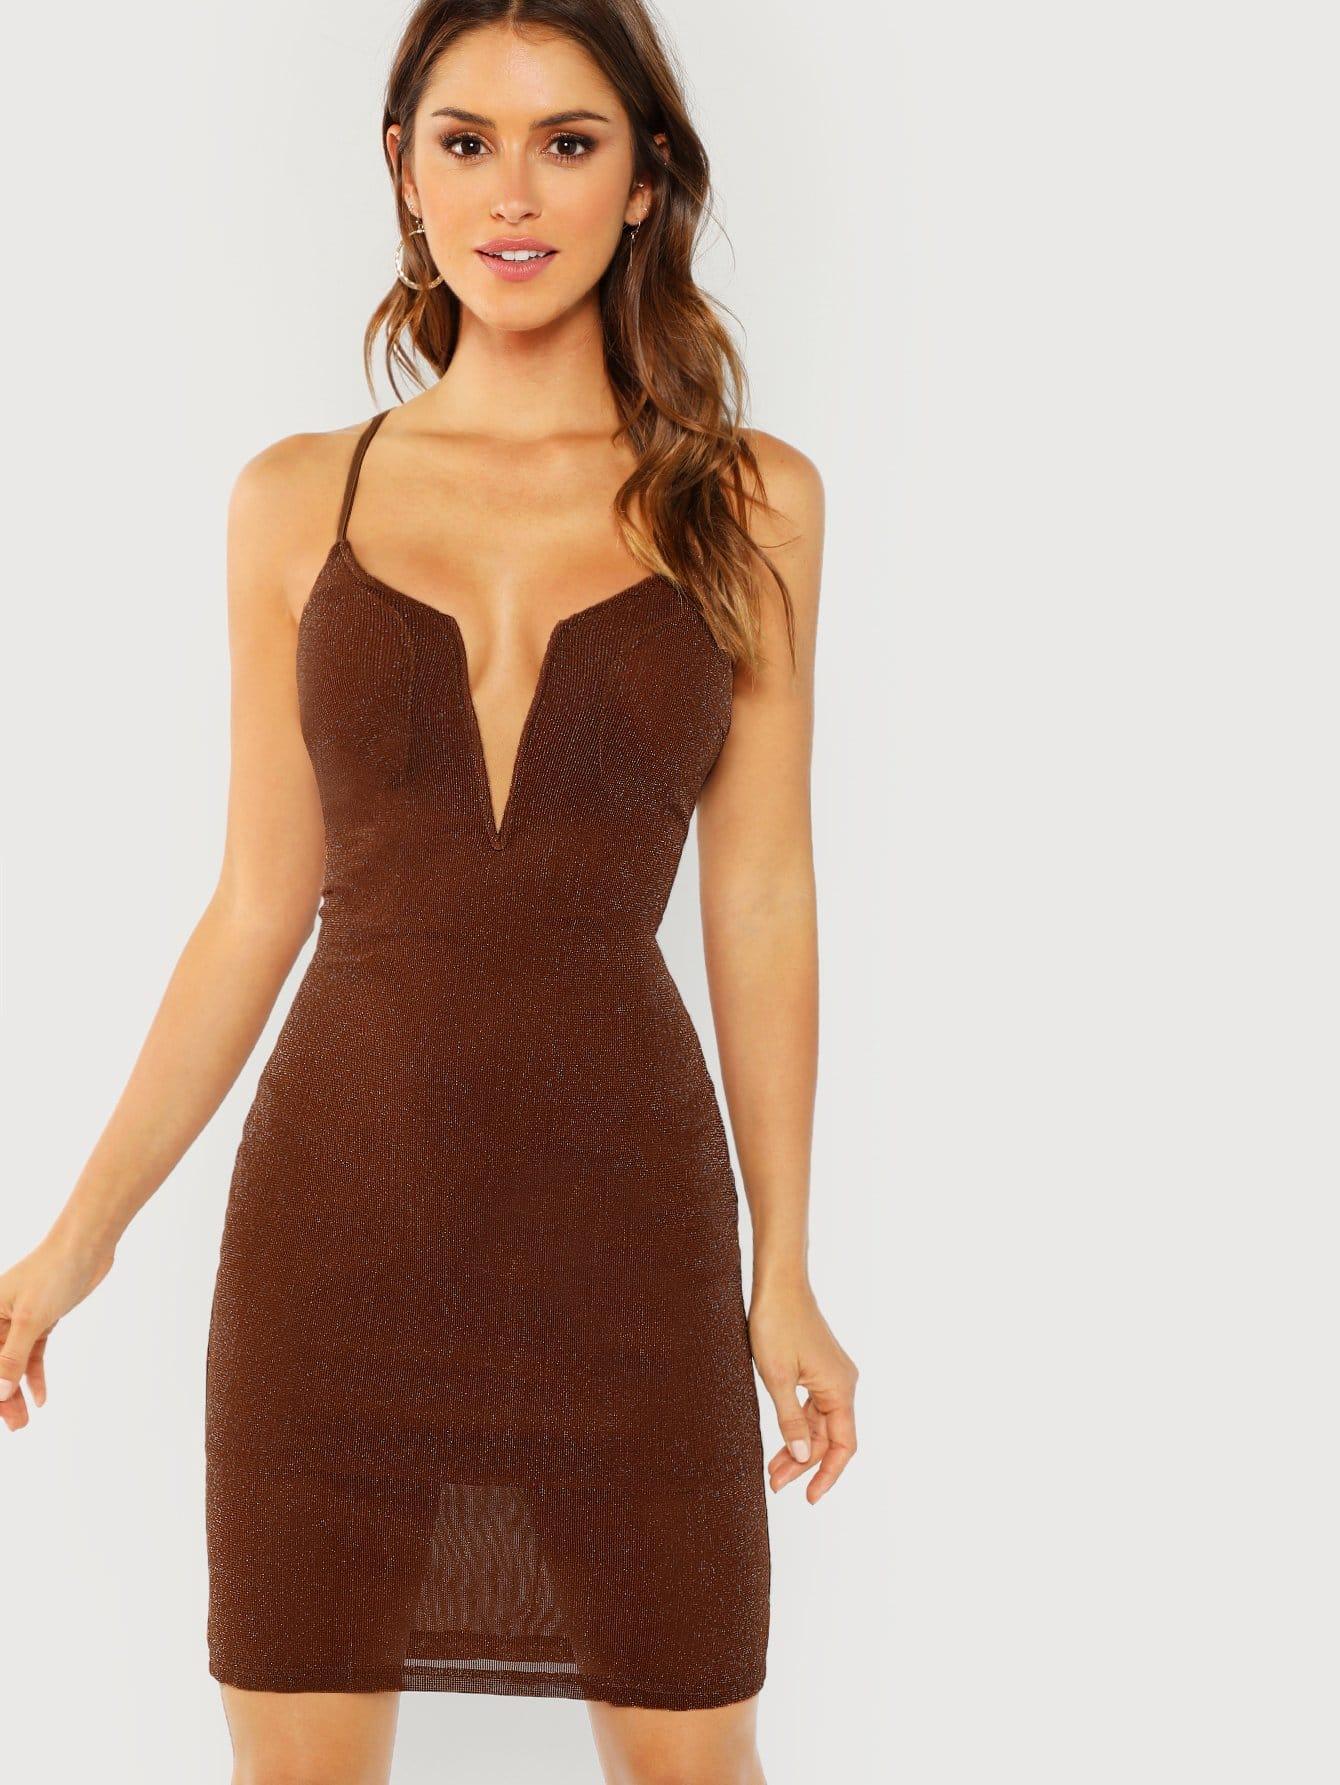 Купить Облегающое платье на бретелях и с открытой спиной и шнурками, Gigi Paris, SheIn